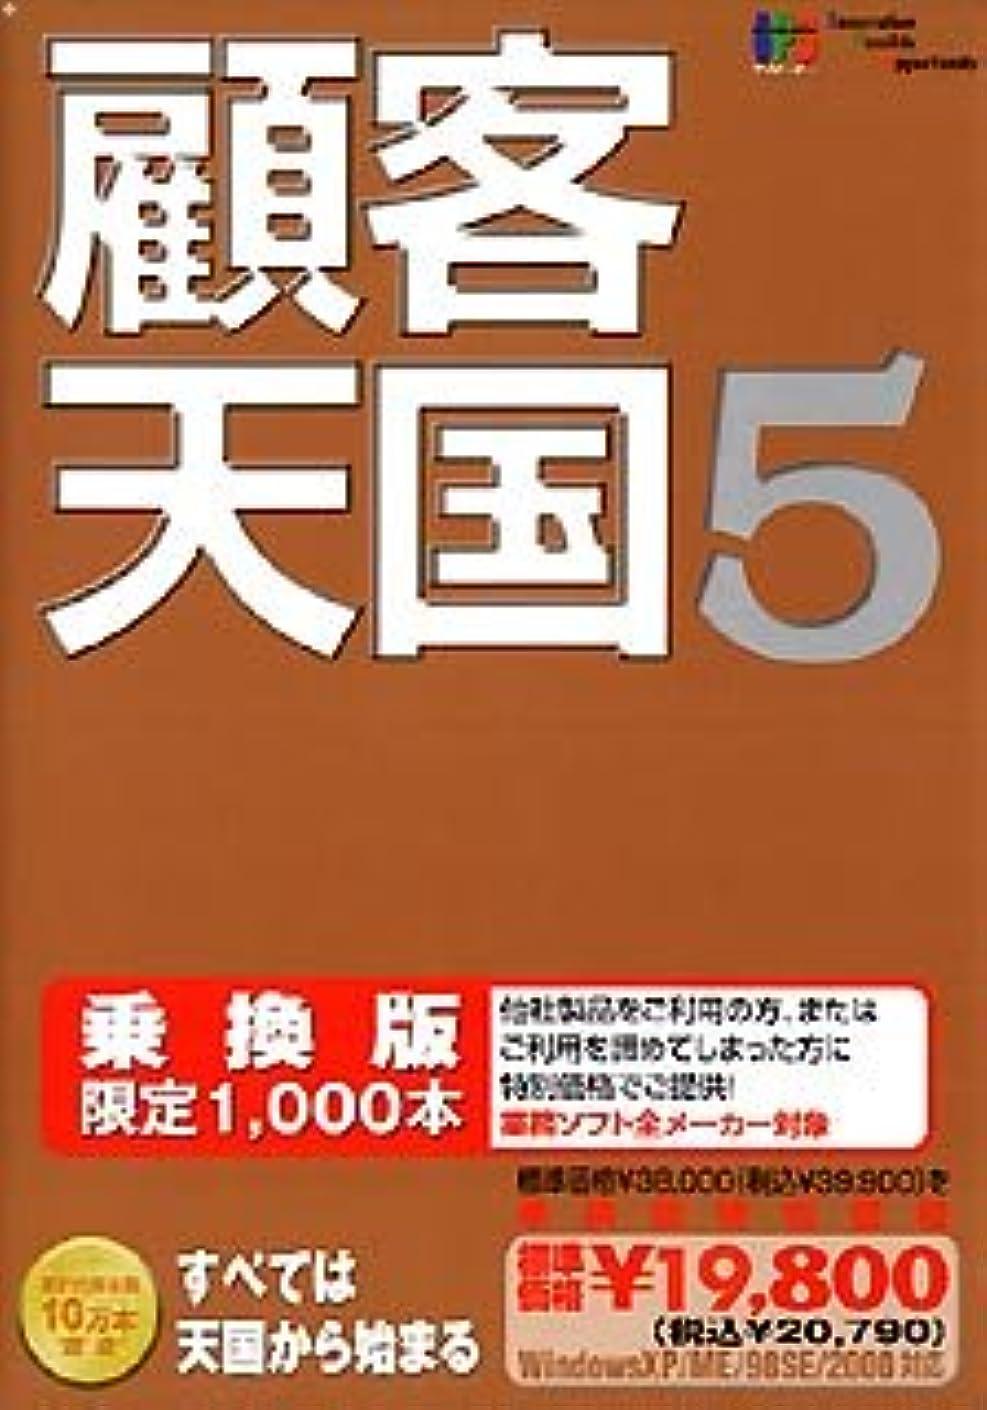 見込みダイエットバーター顧客天国 5 乗換版